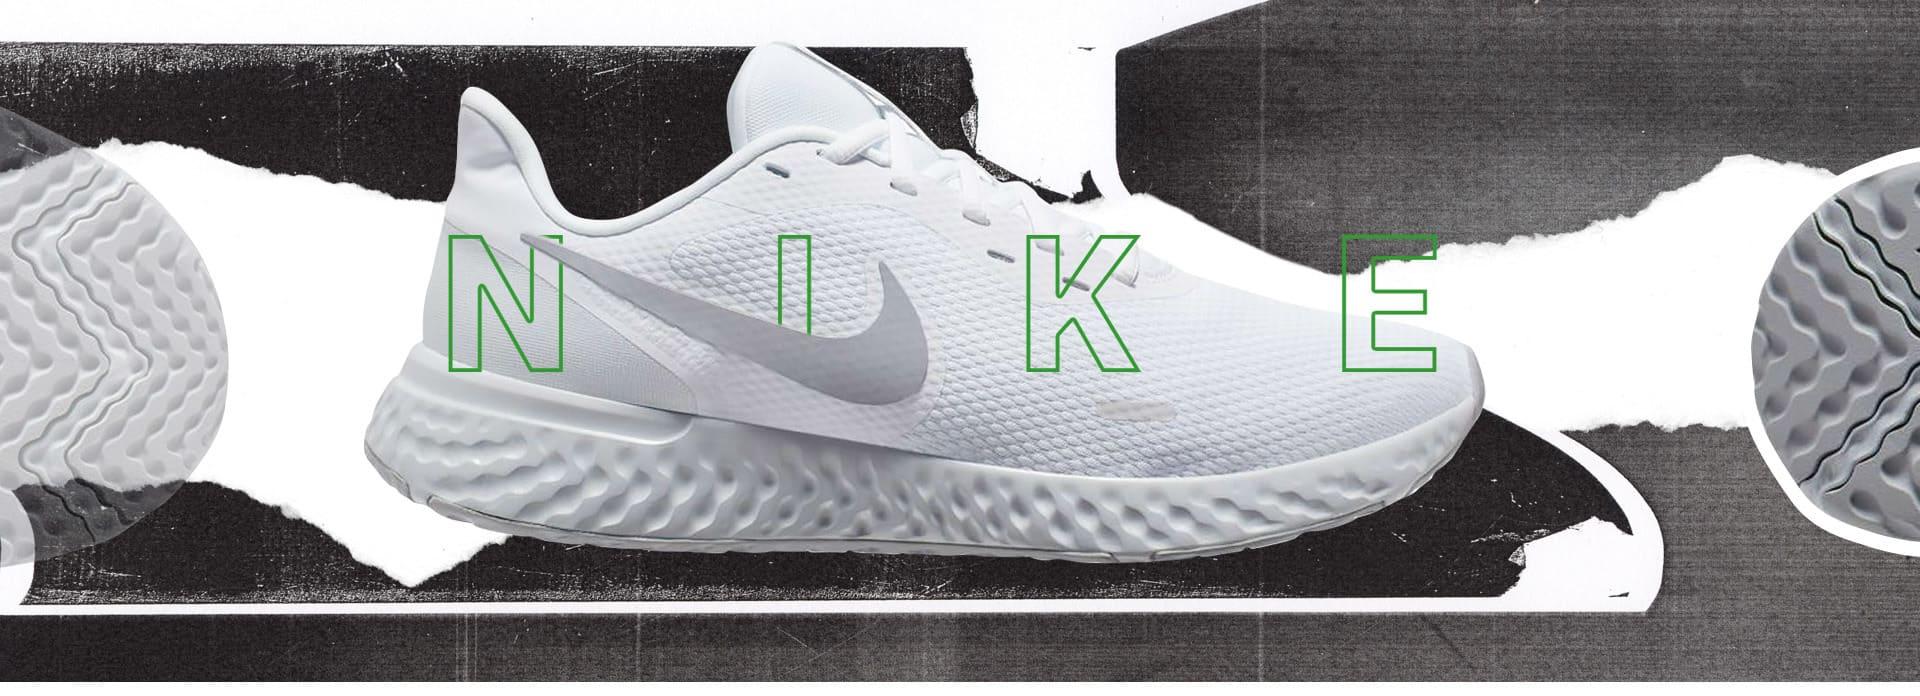 best mizuno running shoes 2019 zara